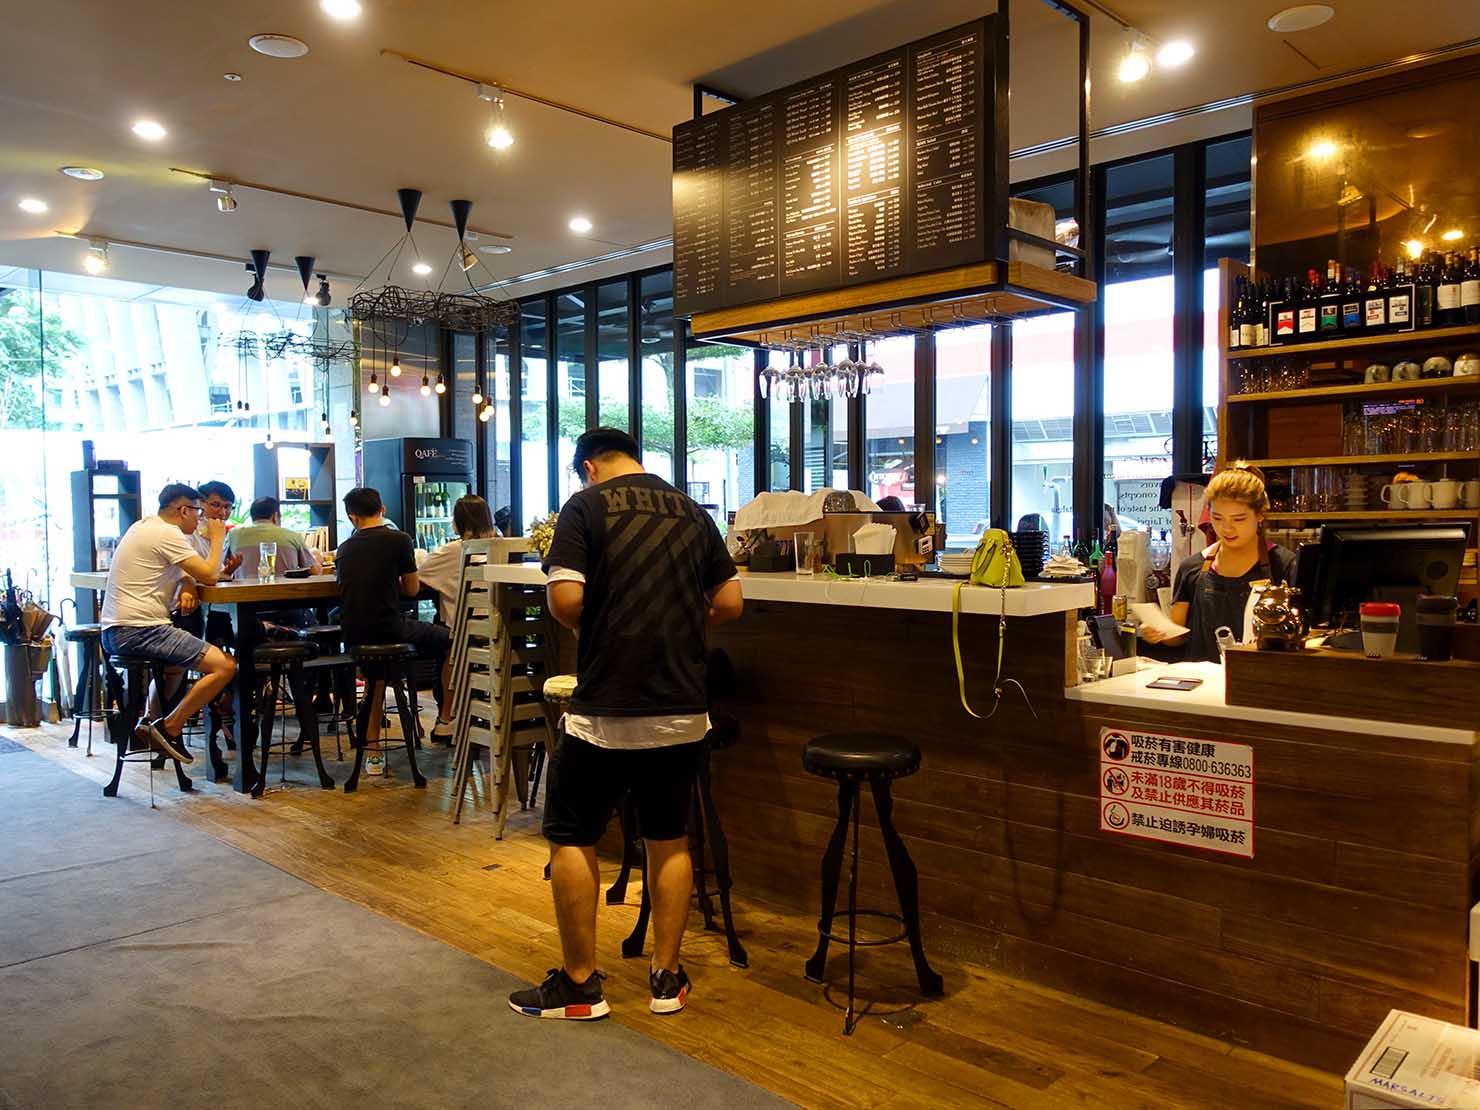 台北・信義區のLGBTに人気のハイクラスホテル「home hotel」1Fのカフェスペース